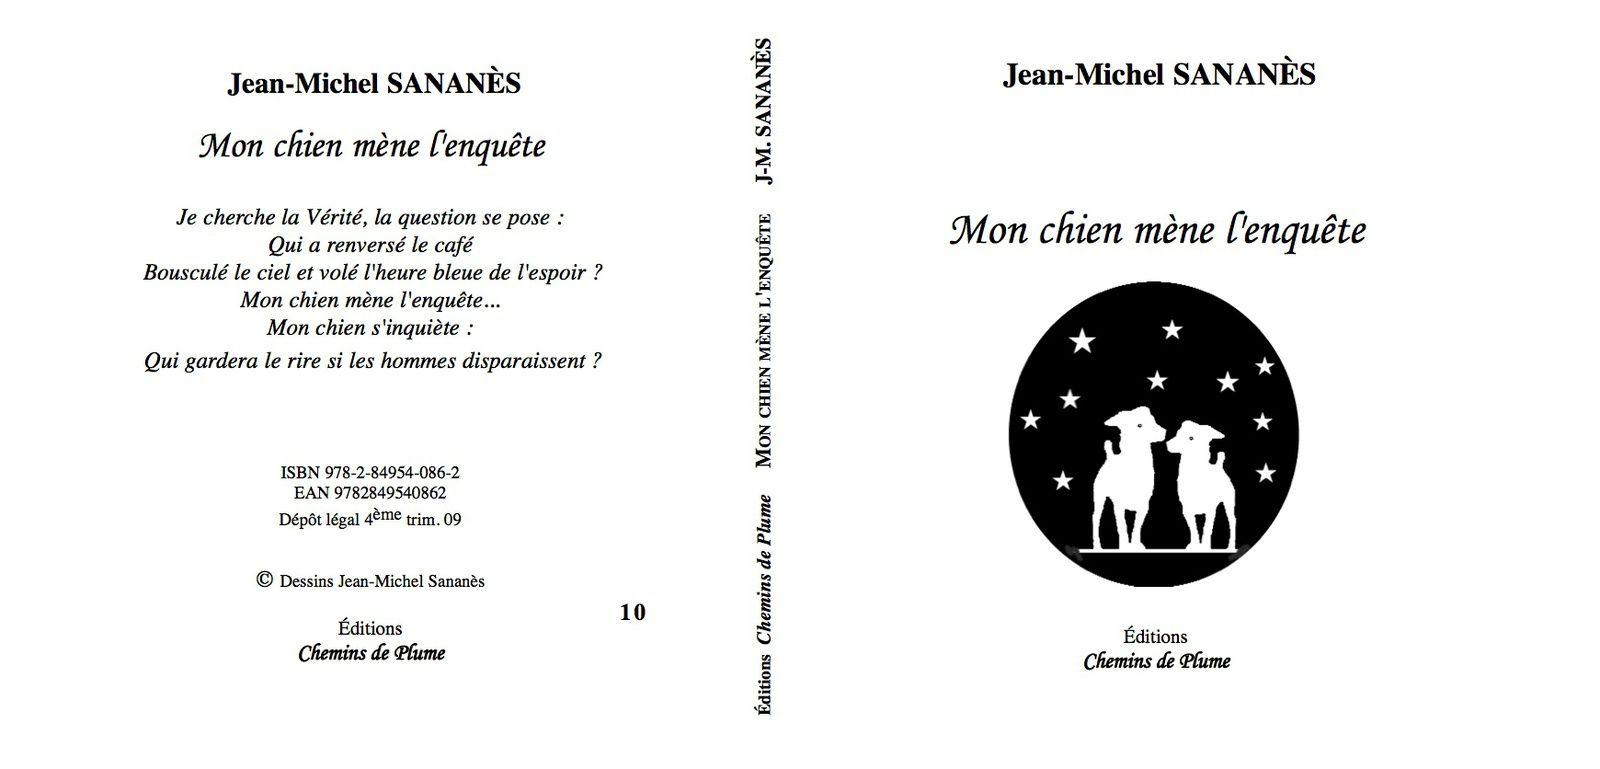 Mon chien mène l'enquête - Jean-Michel Sananès